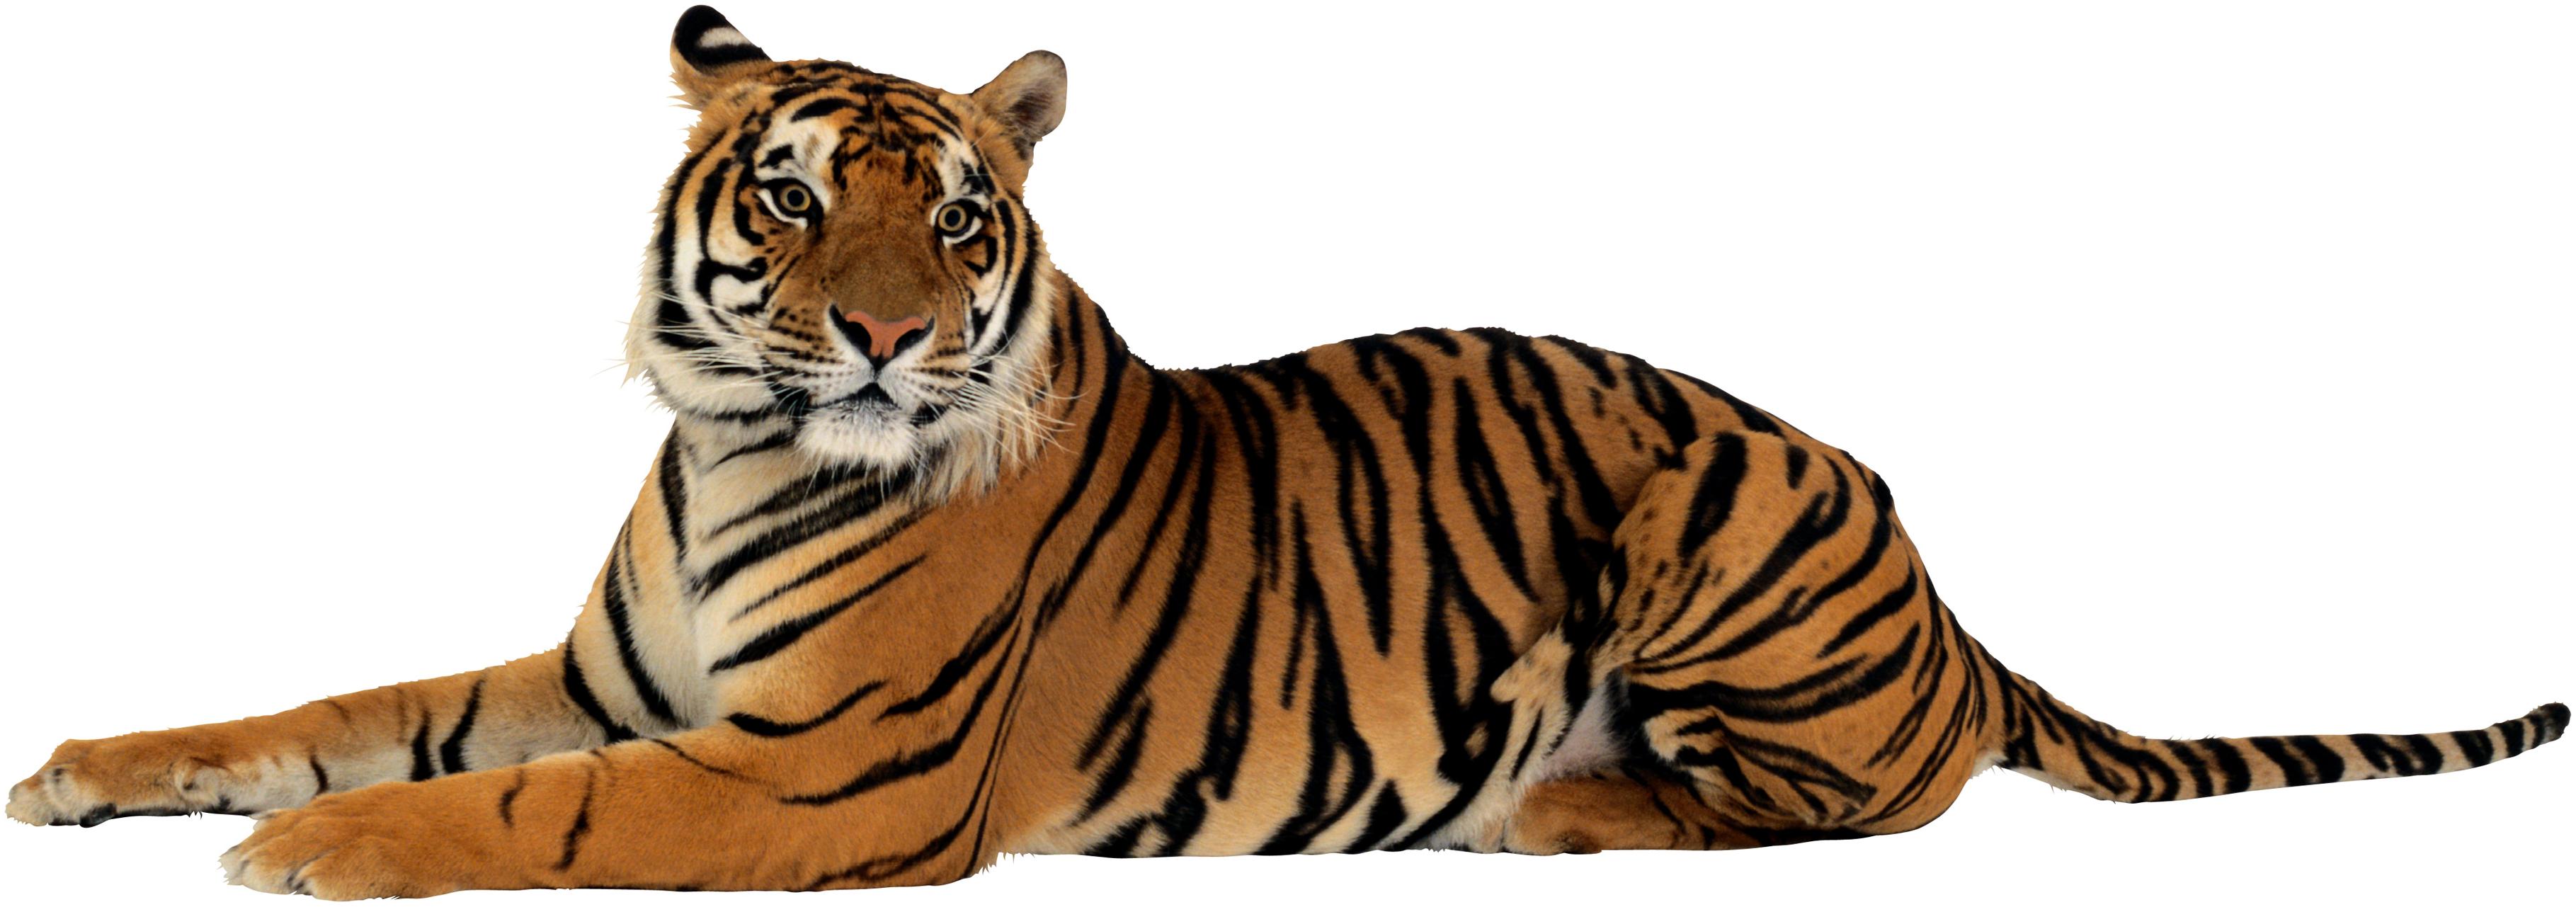 Download Png Image Tiger Png Image Free Download Tigers Tiger Images Tiger Pictures Tiger